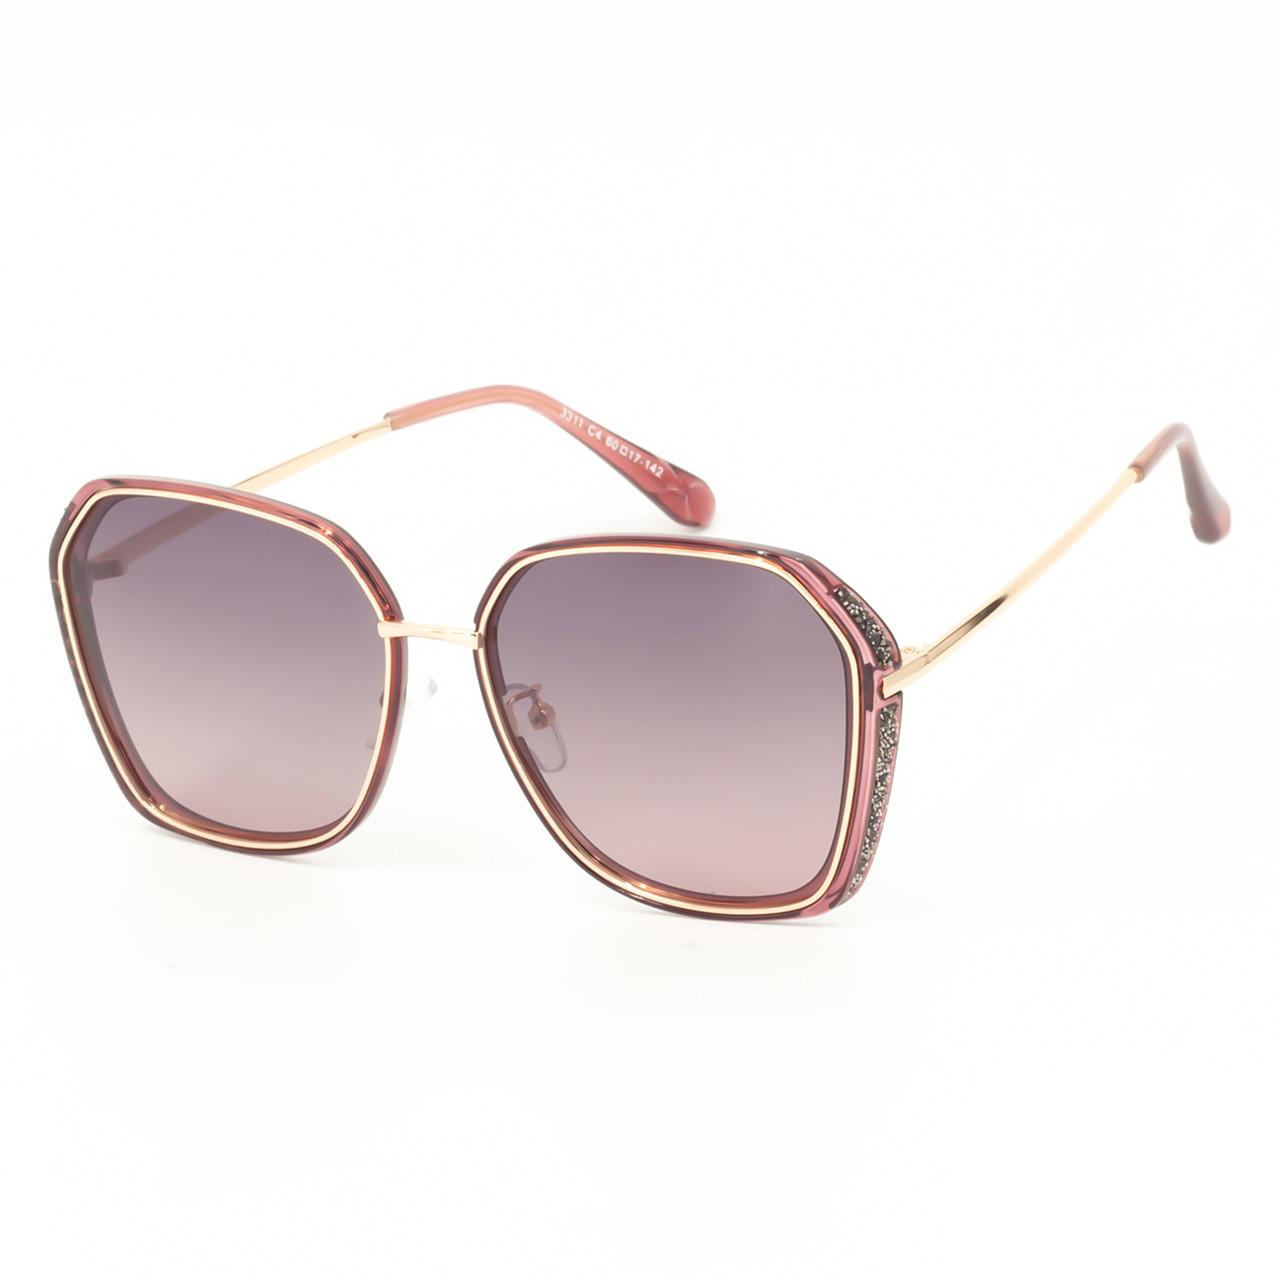 Солнцезащитные очки Marmilen TR-90 3311 C4 розово-бежевый    ( YA3311-04 )